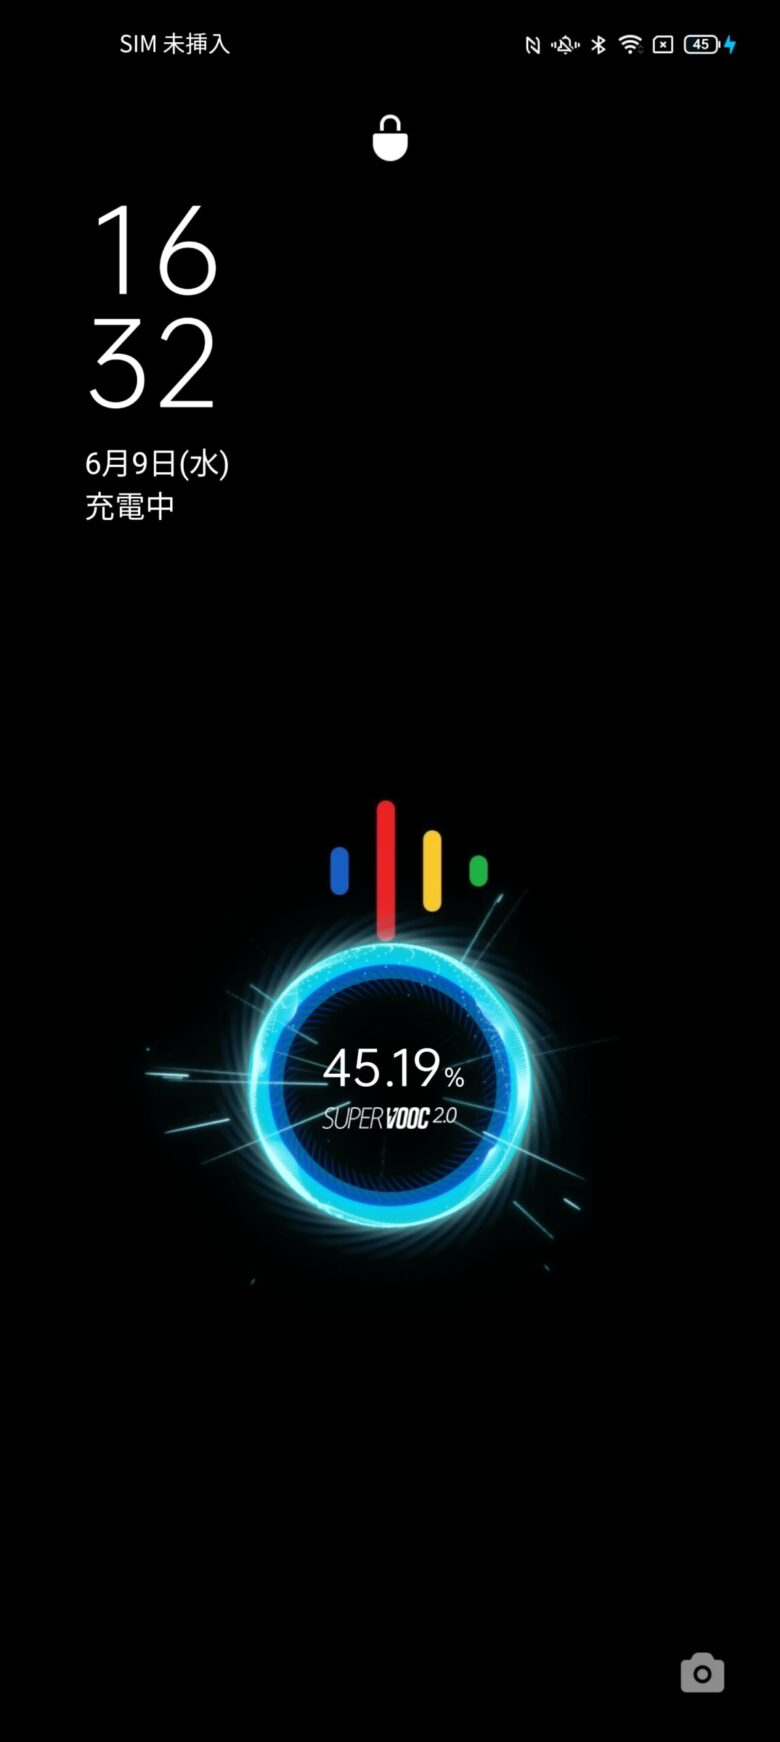 OPPO Find X3 ProをSMART COBY Proで急速充電している状態のスクリーンショット。